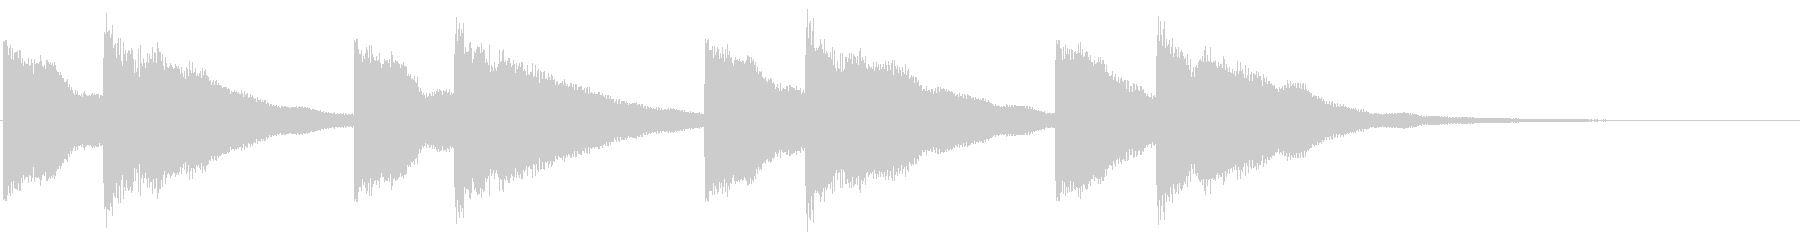 チャイム 鐘の音 キンコン カンの未再生の波形